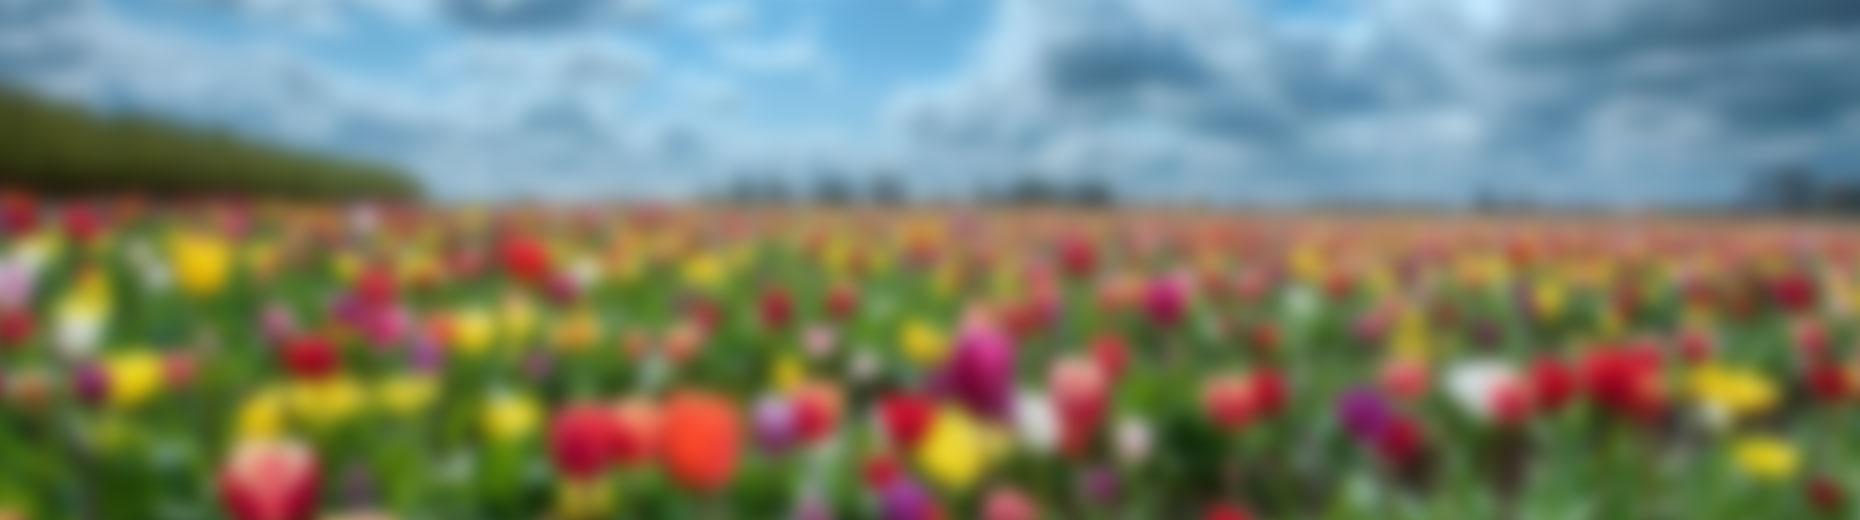 paisatge-maig